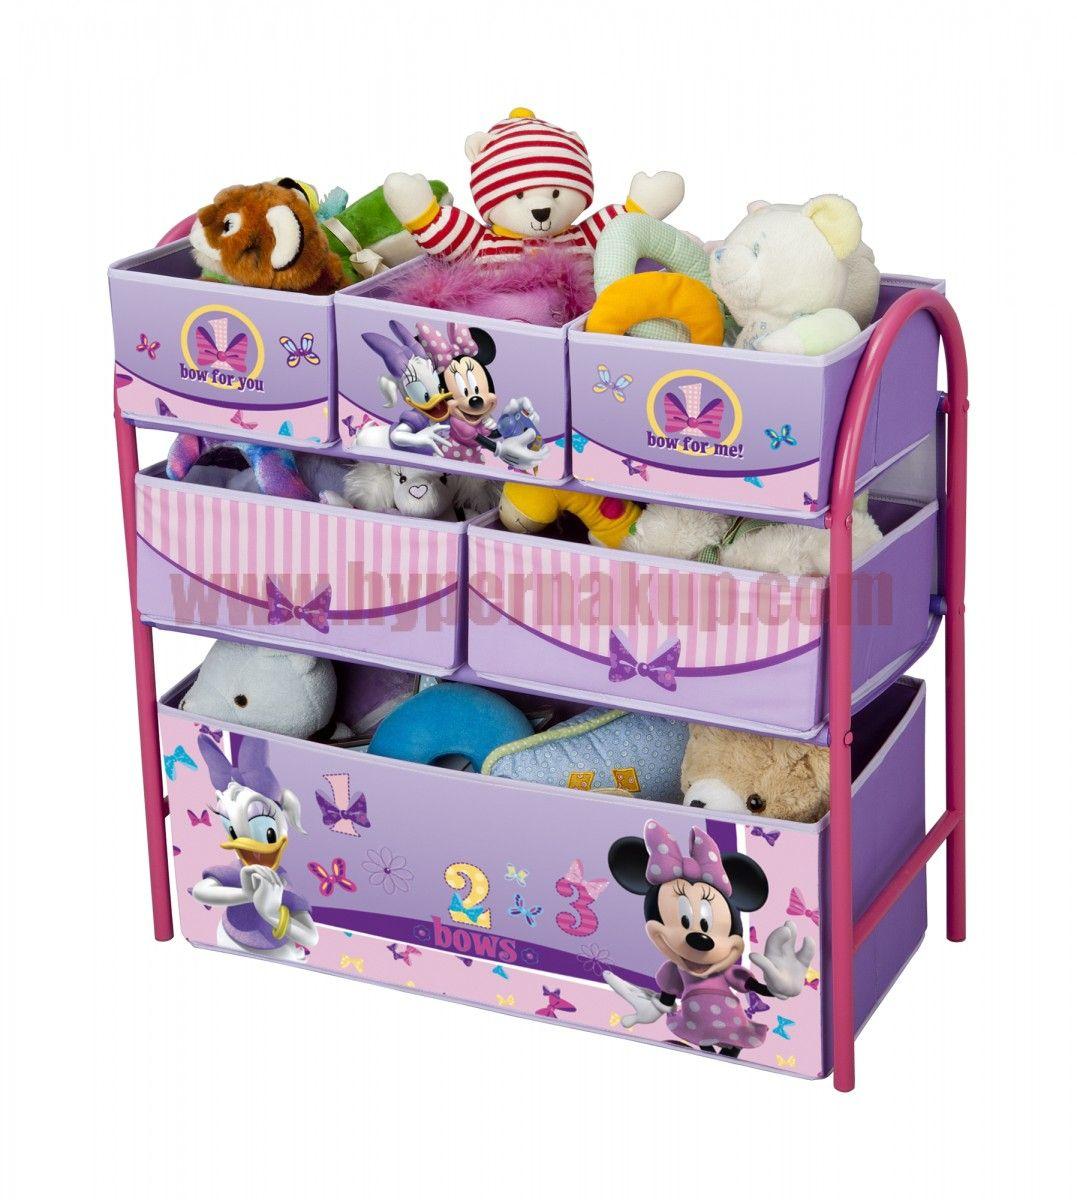 a3318831a5be7 Detská komoda organizér na hračky Disney Minnie Mouse | DETSKÝ TOVAR ...